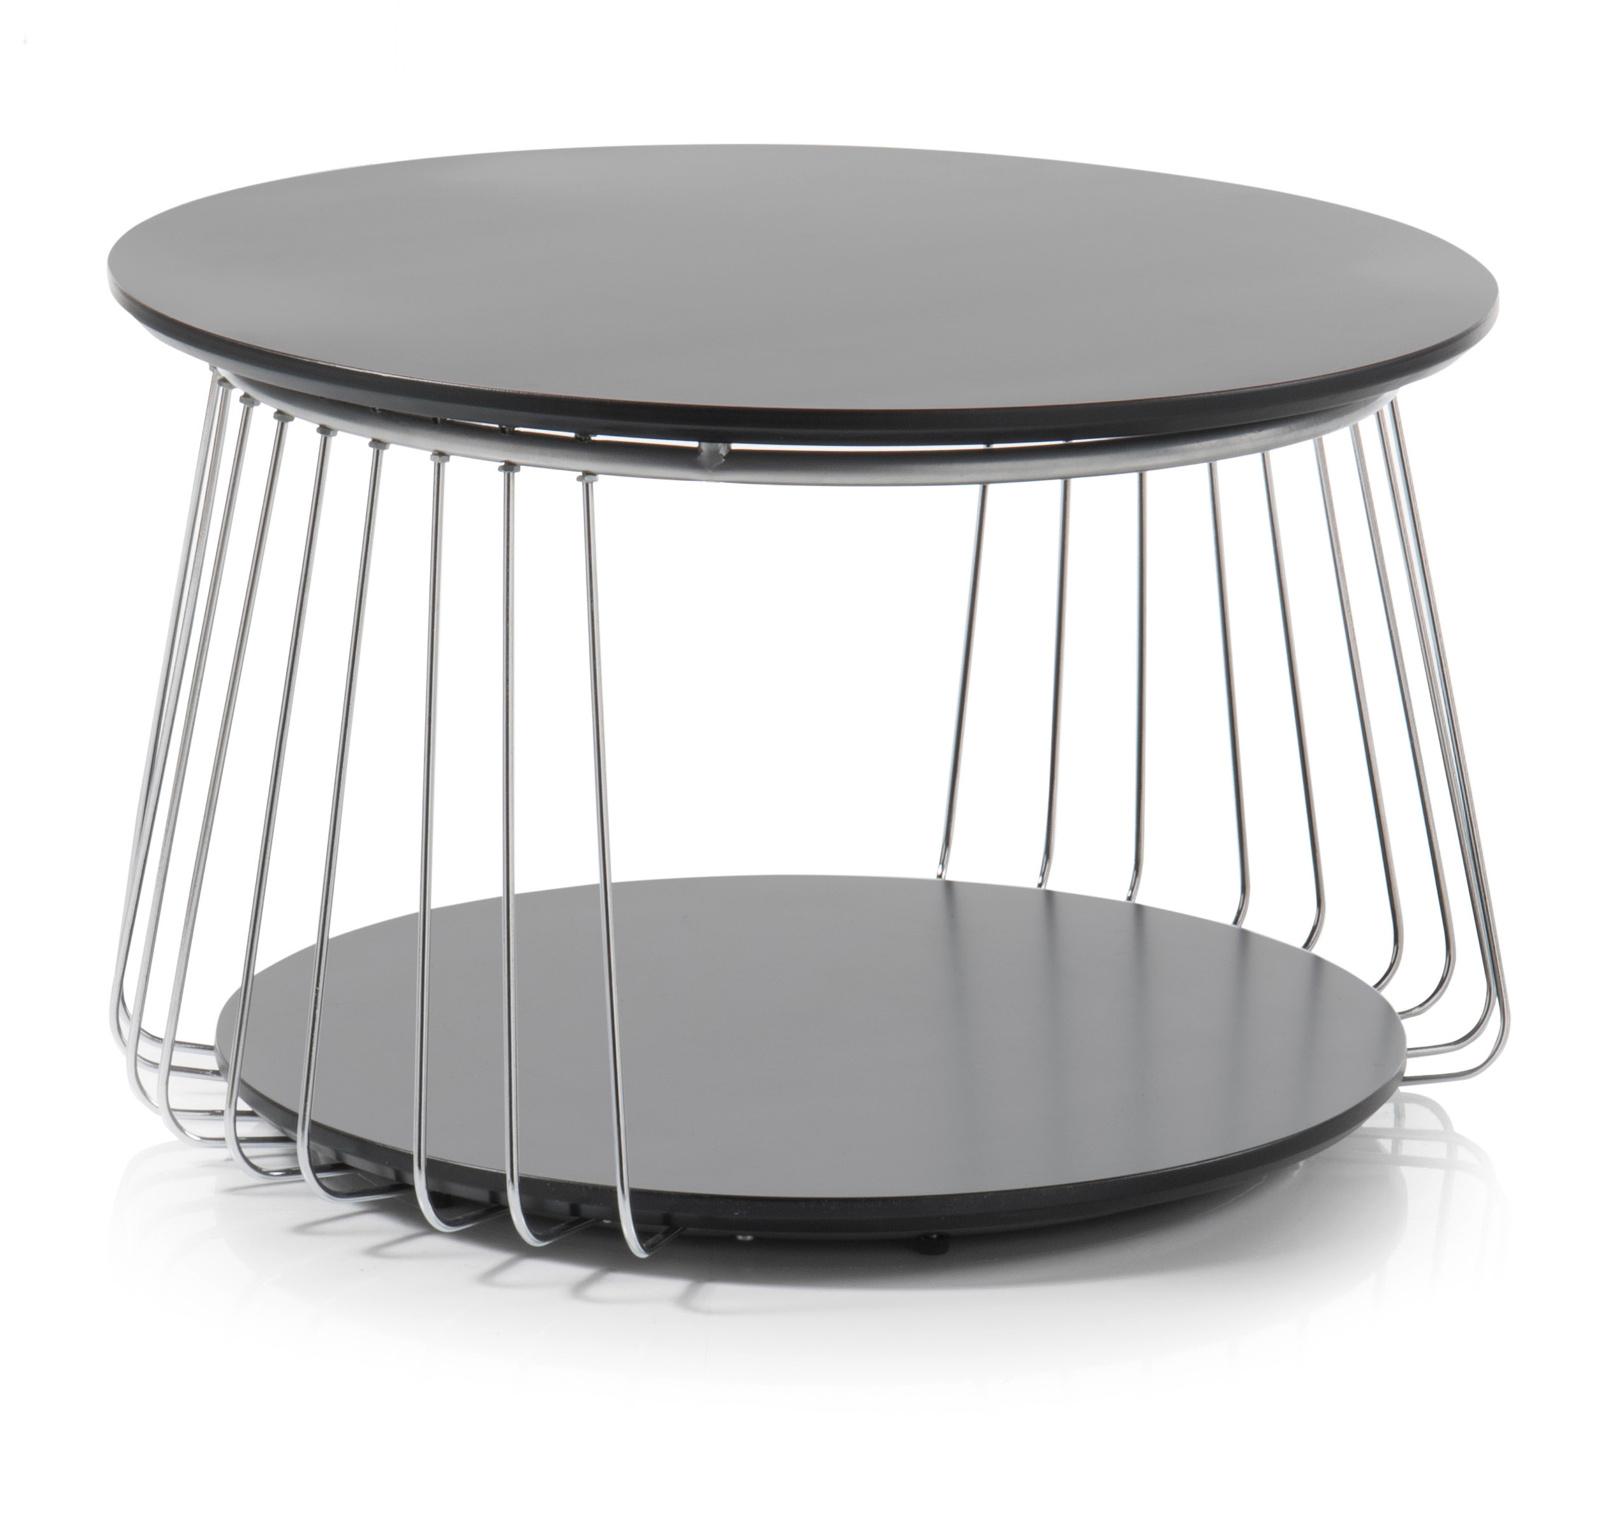 couchtisch vilnius matt schwarz 70 cm rund. Black Bedroom Furniture Sets. Home Design Ideas